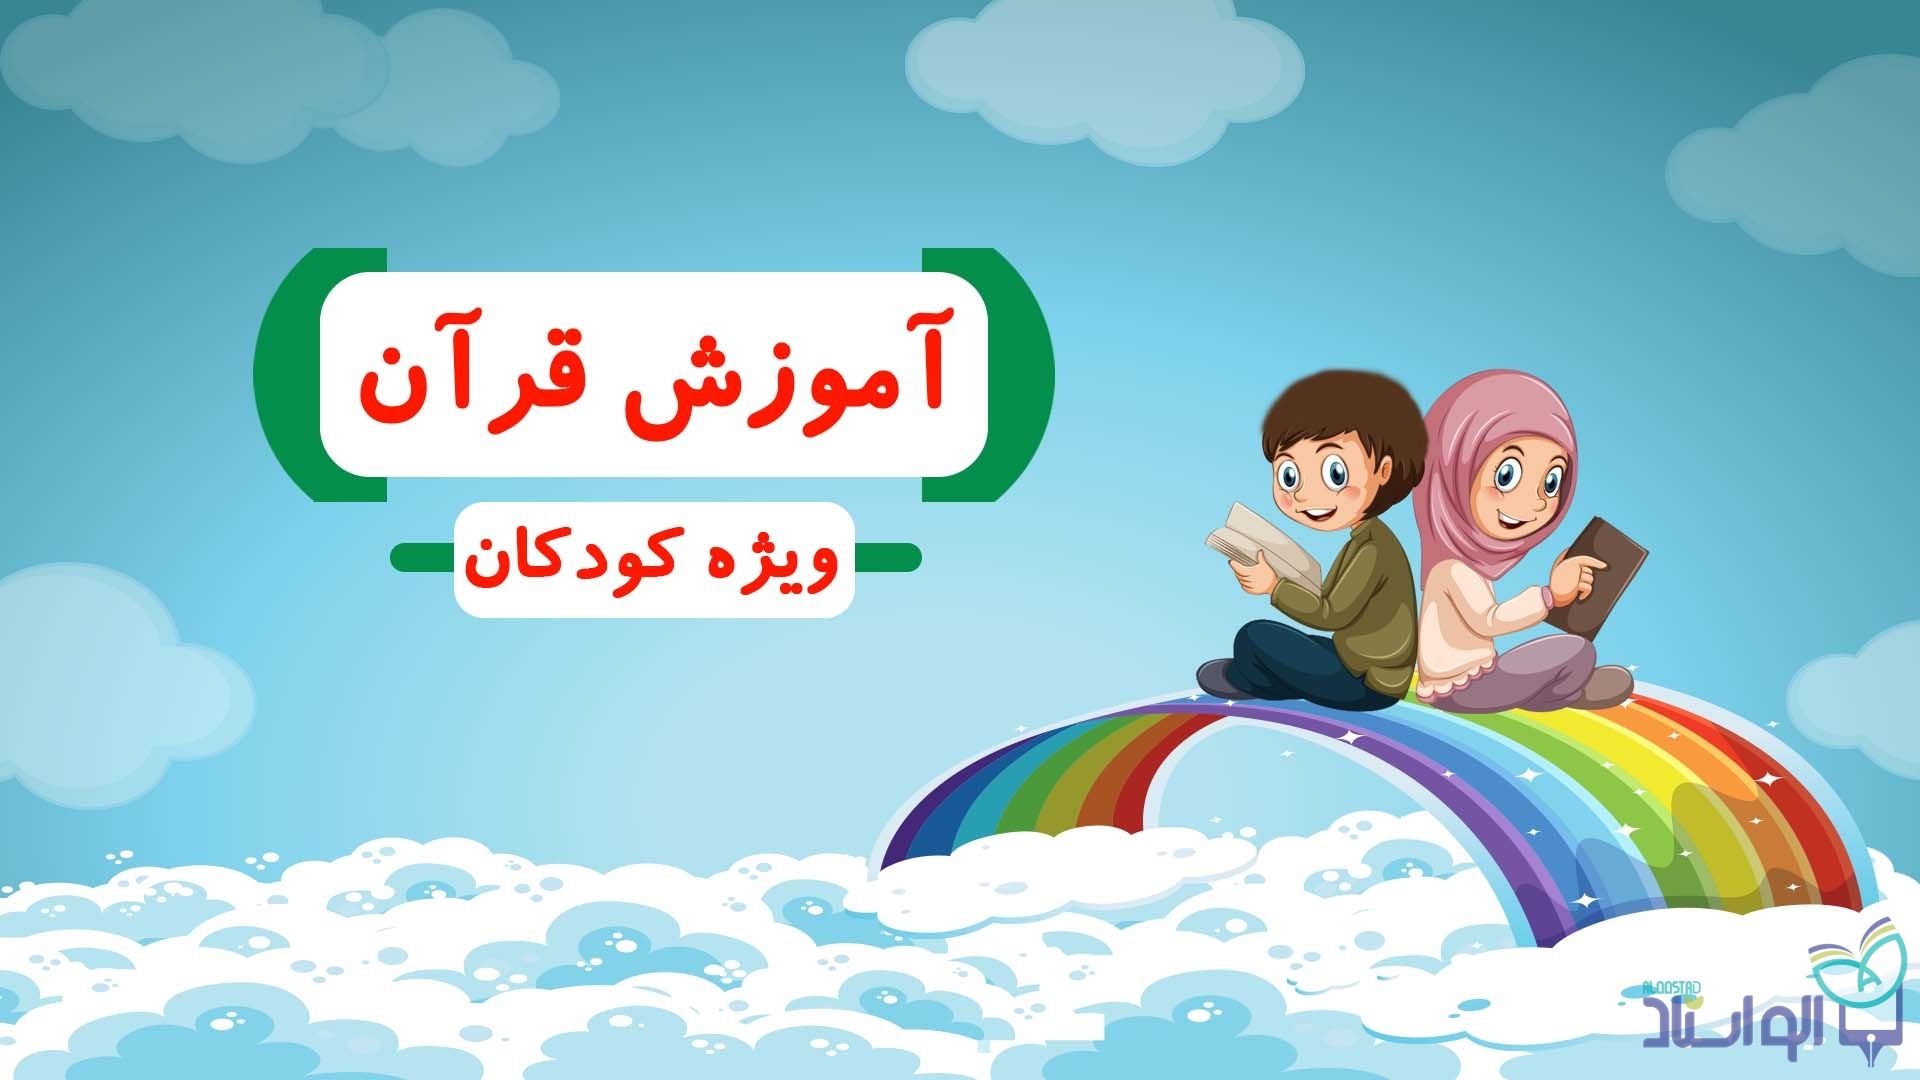 آموزش قران - ویژه کودکان